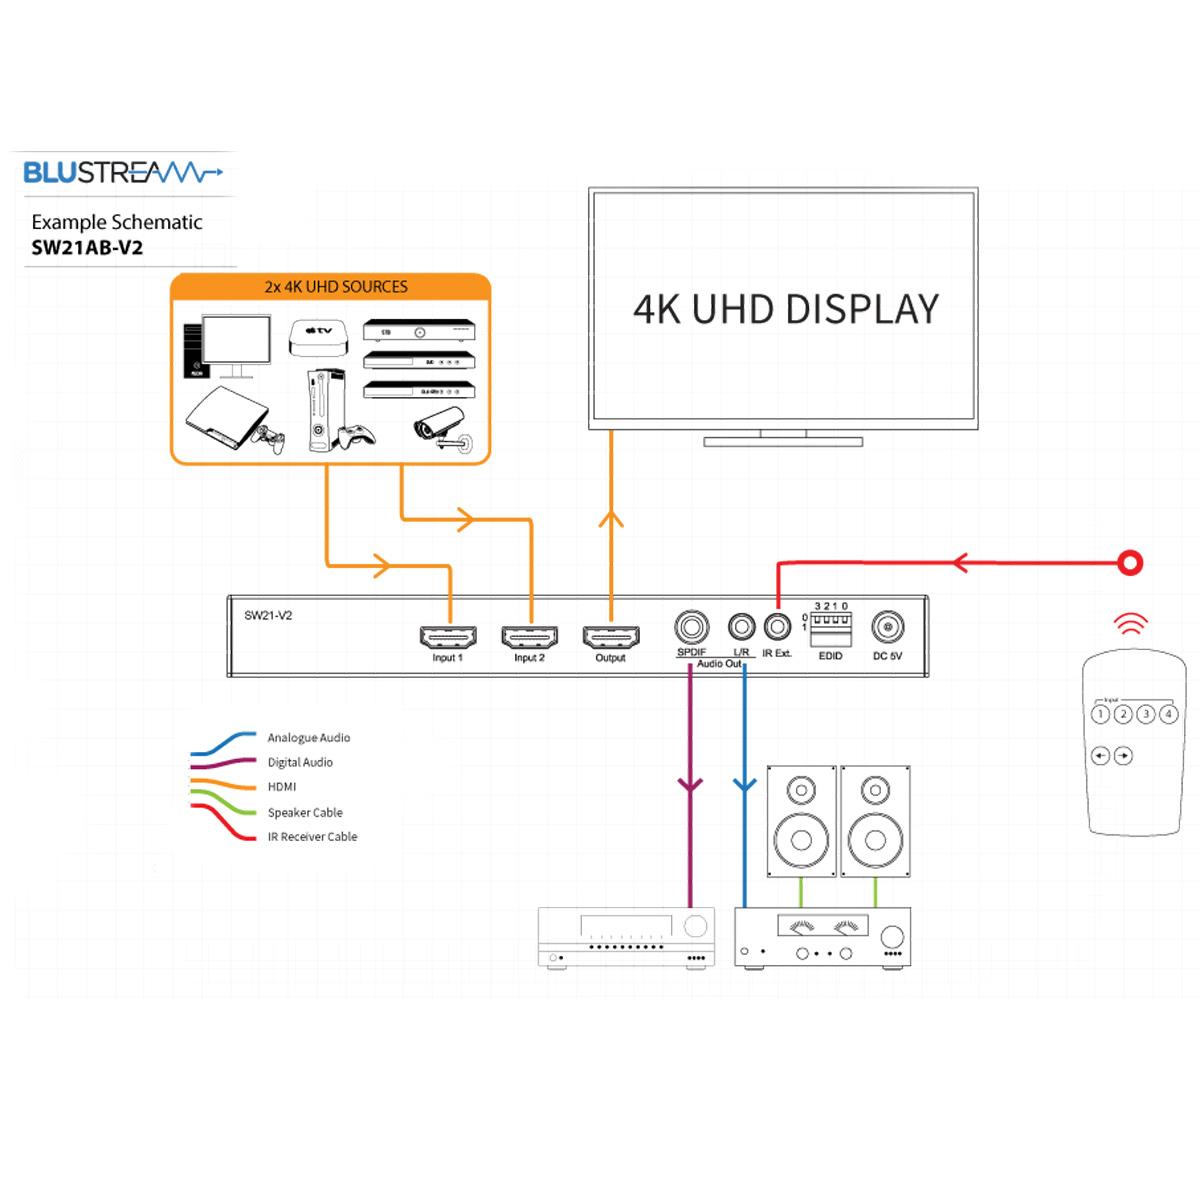 Blustream 2-way 4K HDMI - Schematics